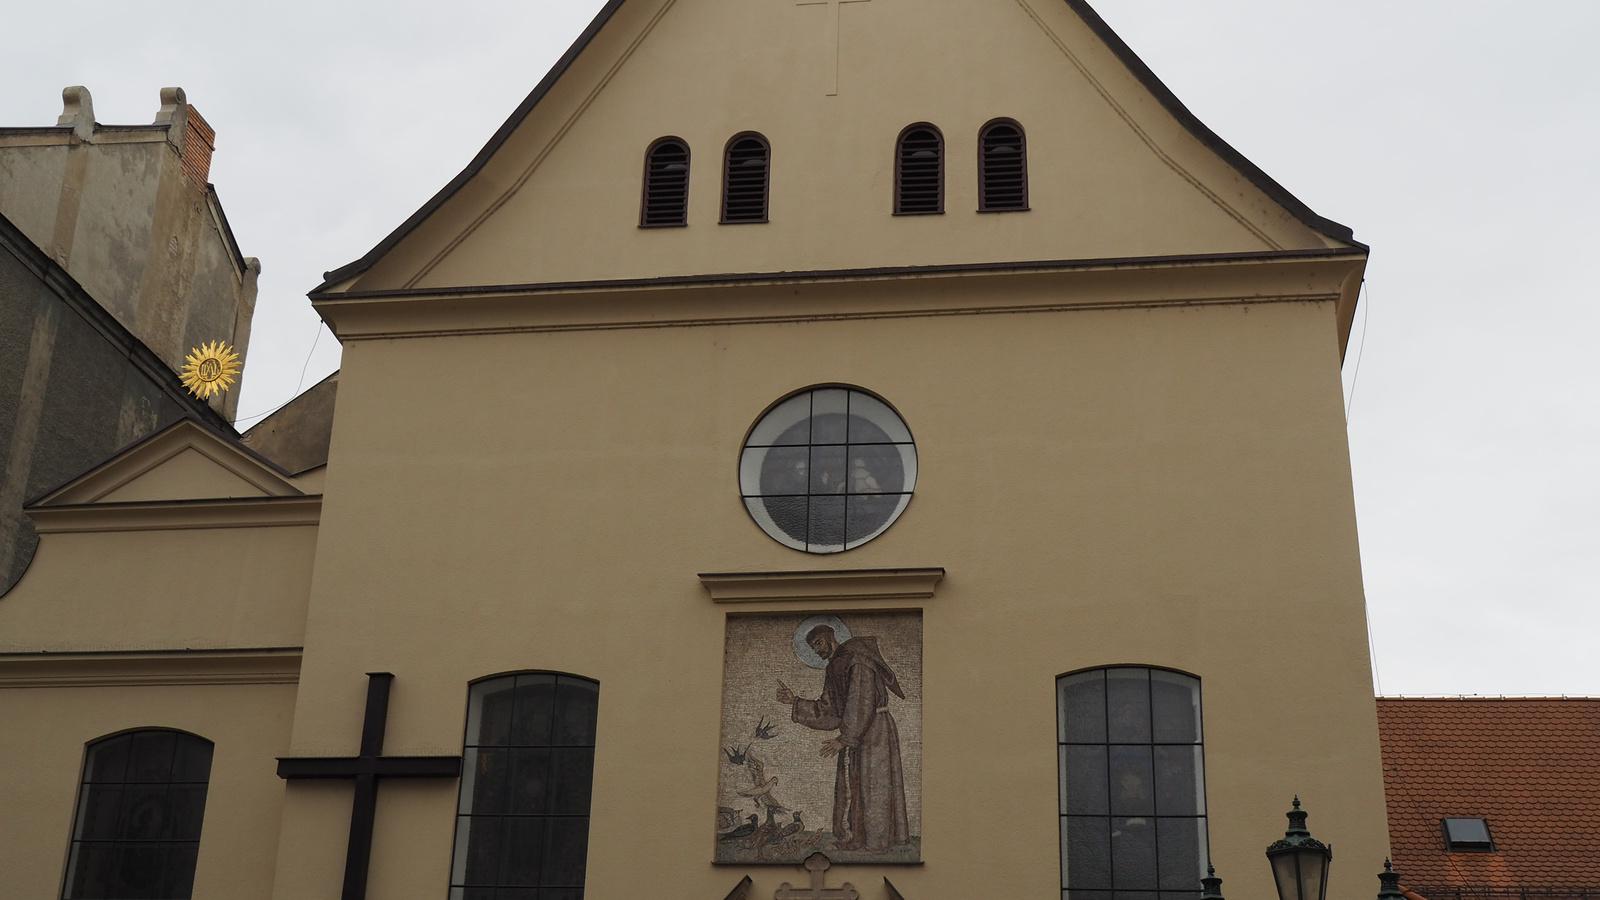 Brno, Kapucinusok Szent Kereszt temploma, SzG3